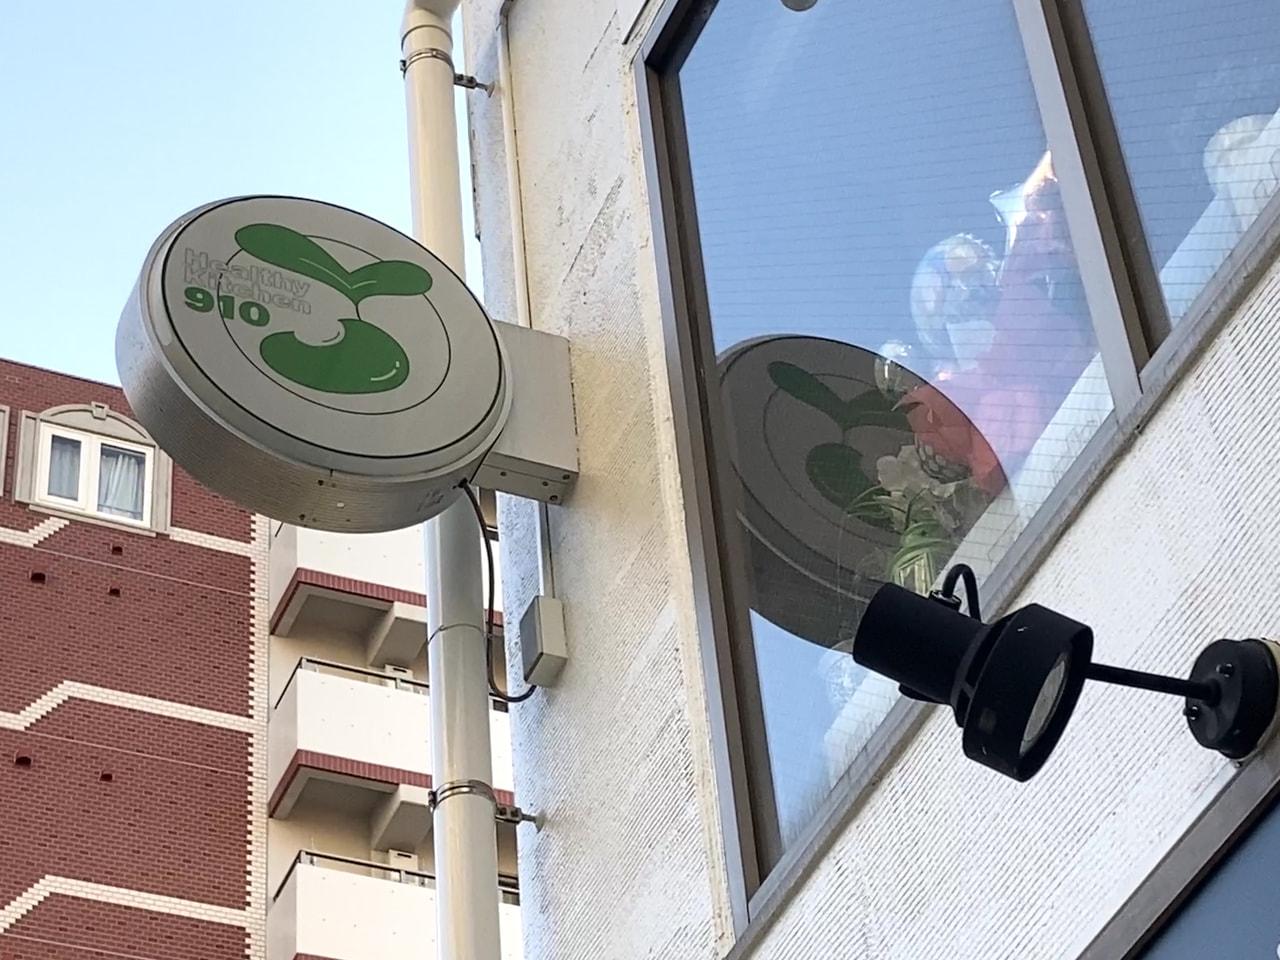 【罪悪感のないお食事を】〈HealthyKitchen910〉は健康を考えたお料理でキュートな笑顔が生まれるお店です!